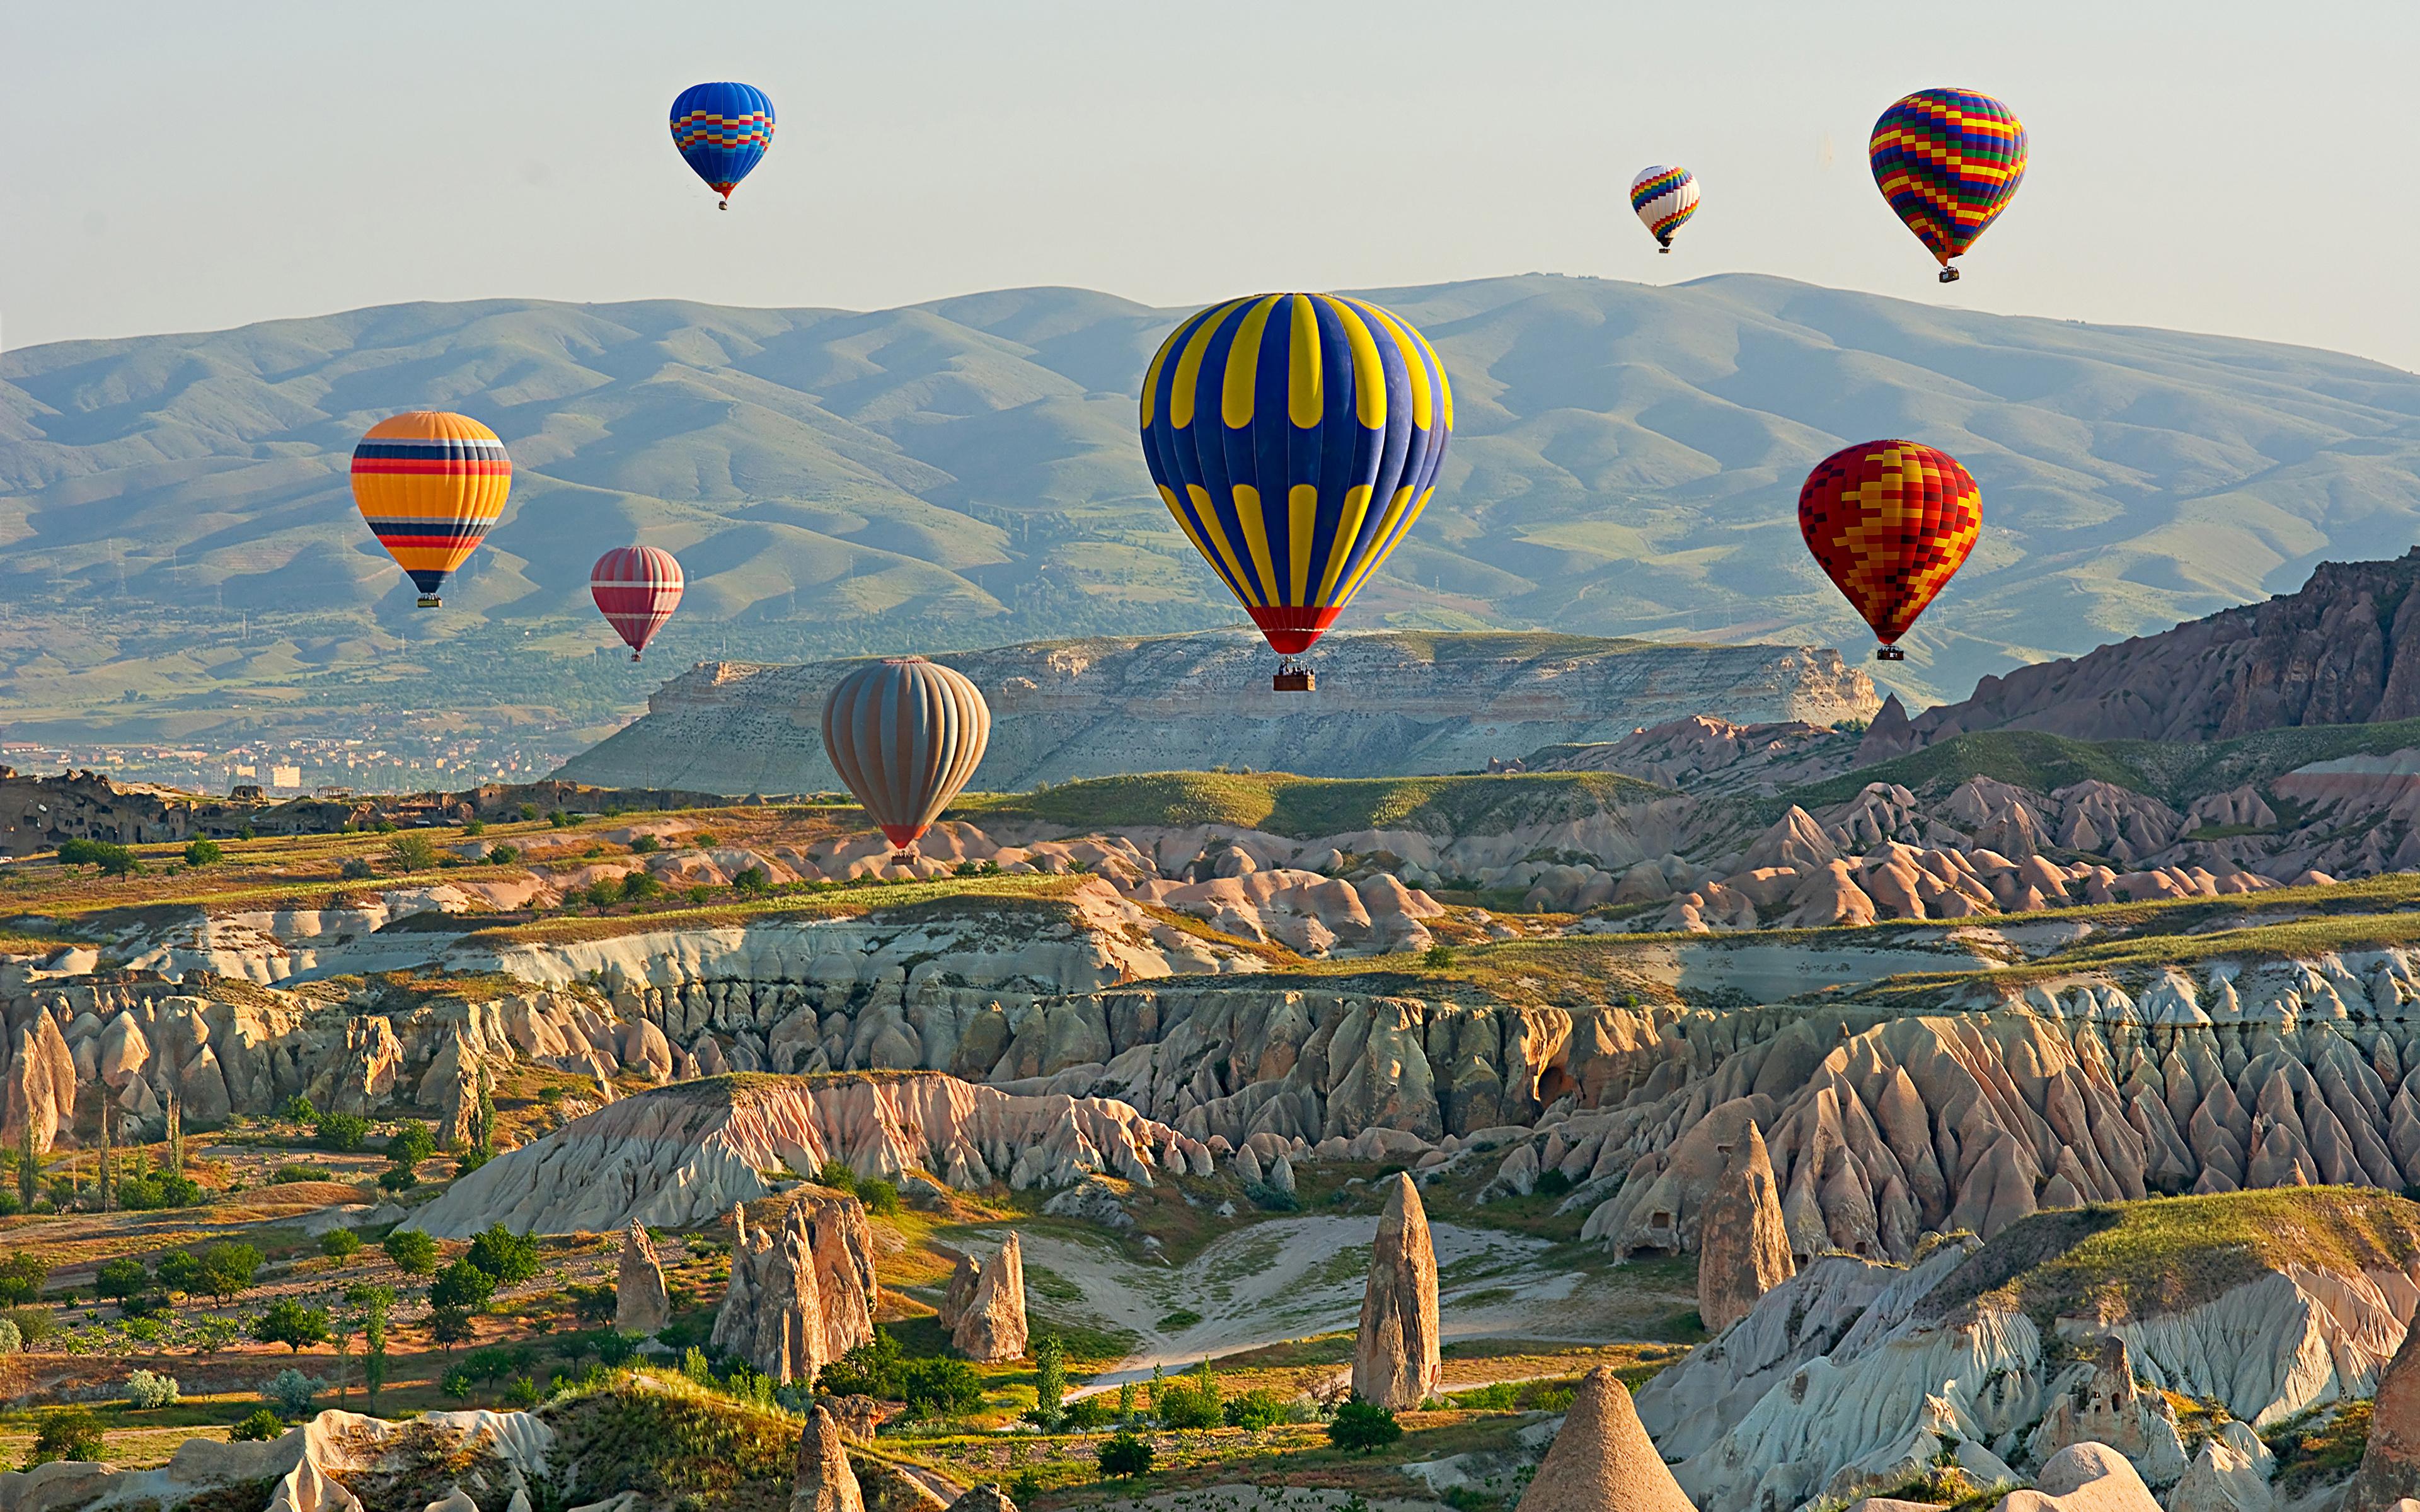 Turkey_Cappadocia_Hill_Aerostat_530674_3840x2400